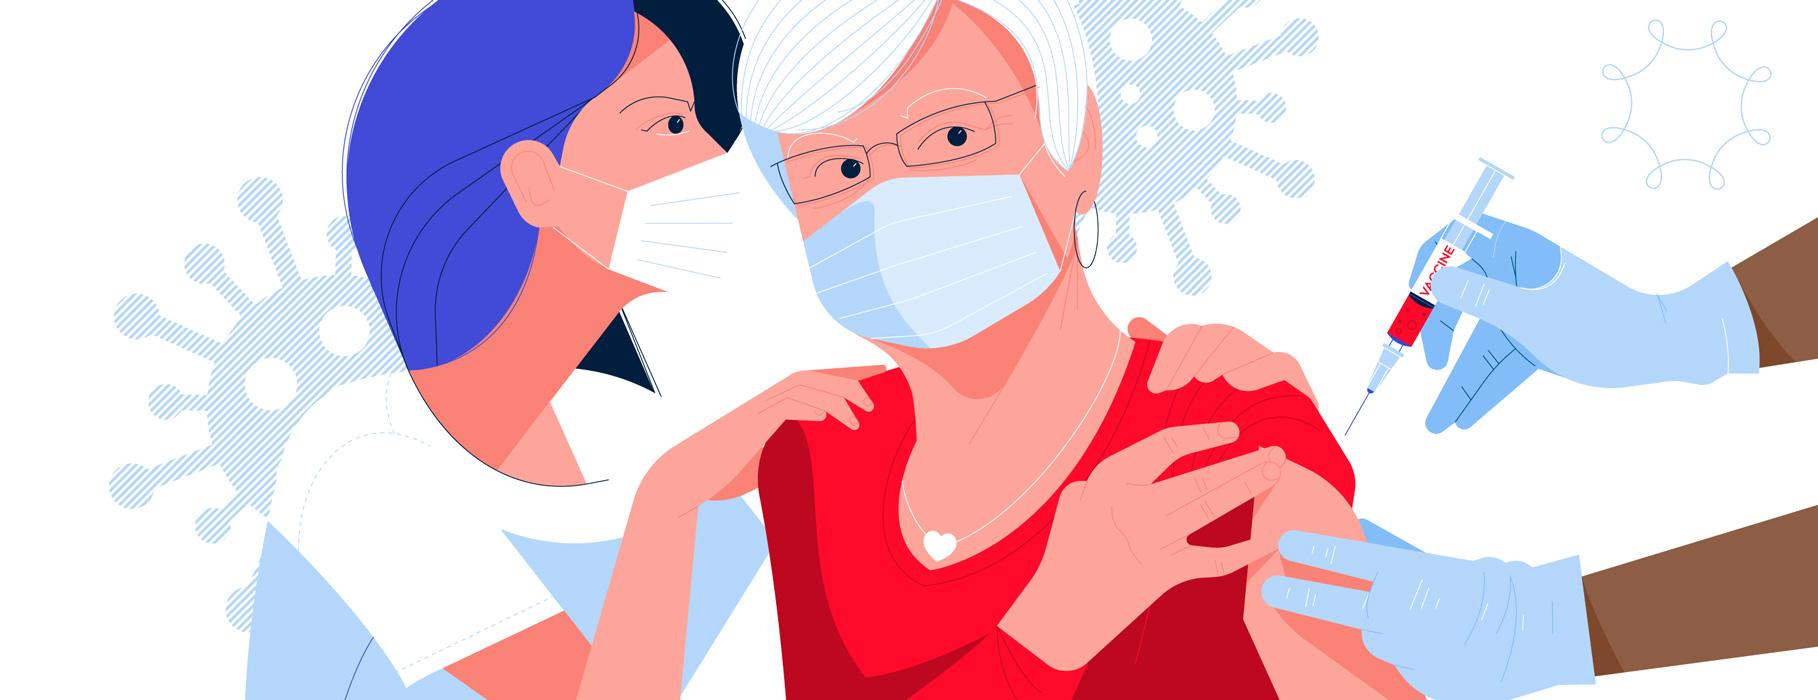 grafika przedstawiająca szczepienie